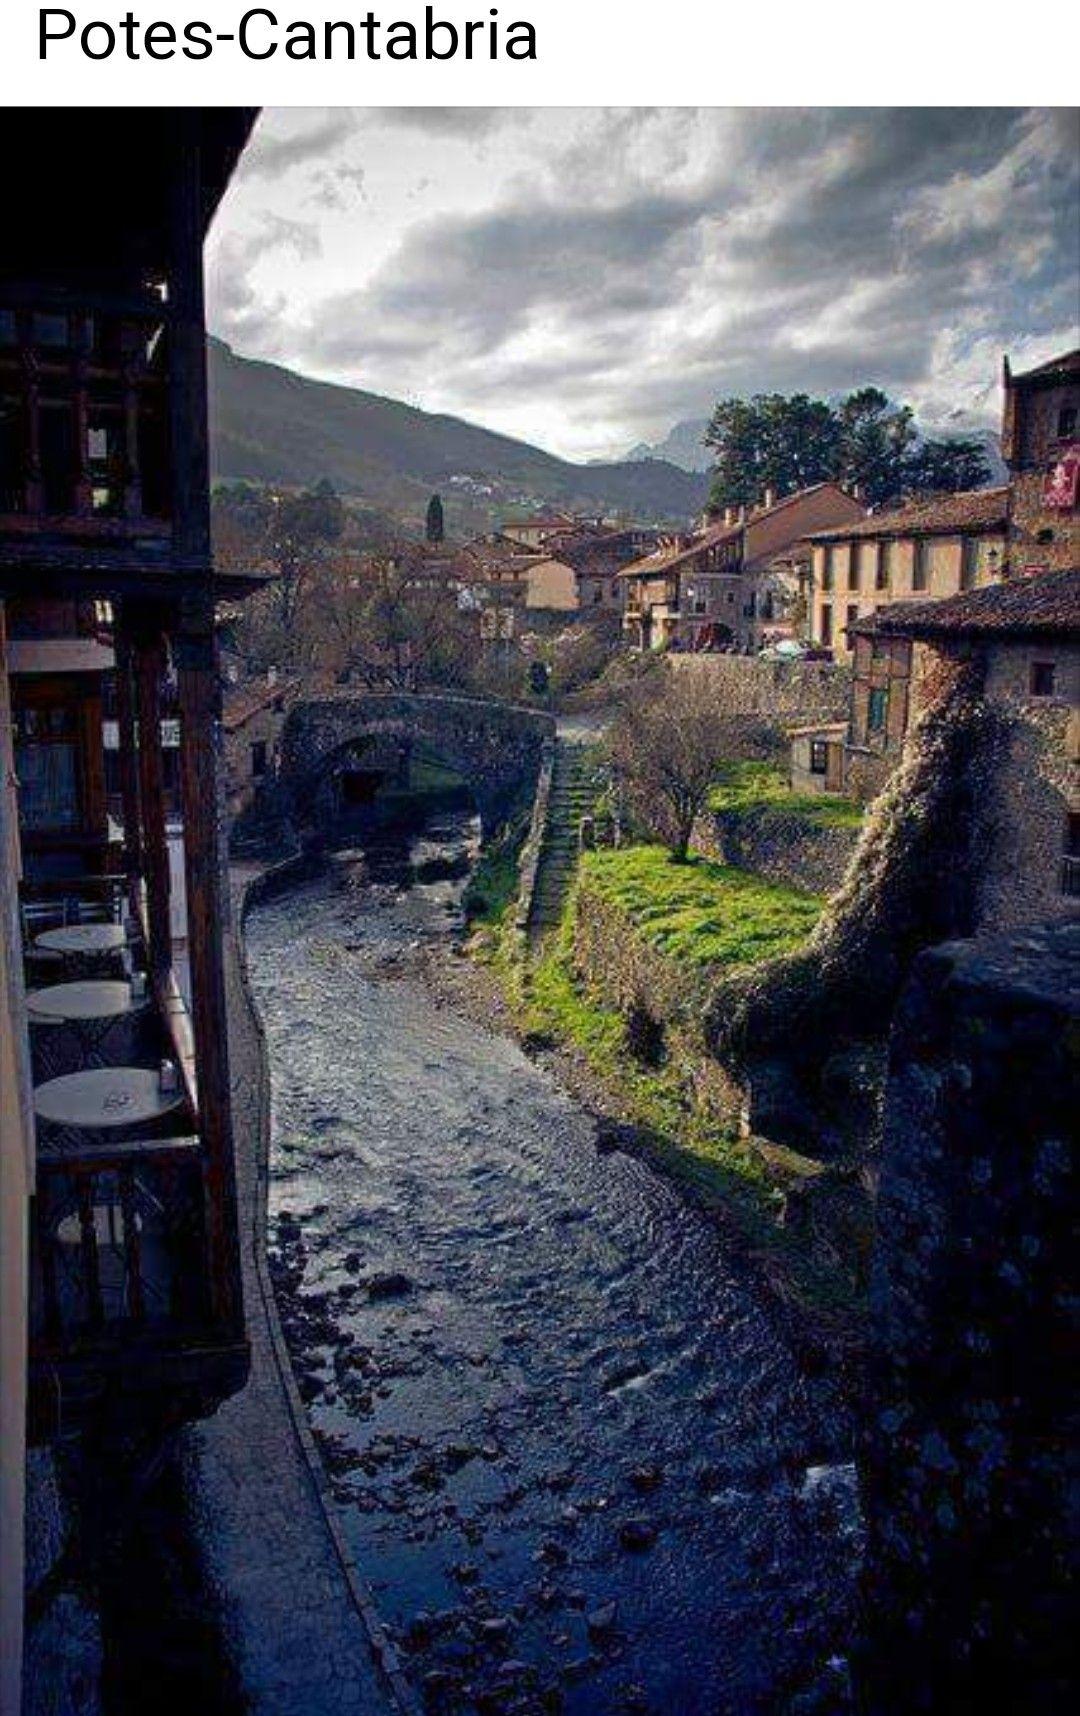 Precioso Pueblo De Potes Cantabria Viajar Por España Paisajes De España Lugares Preciosos